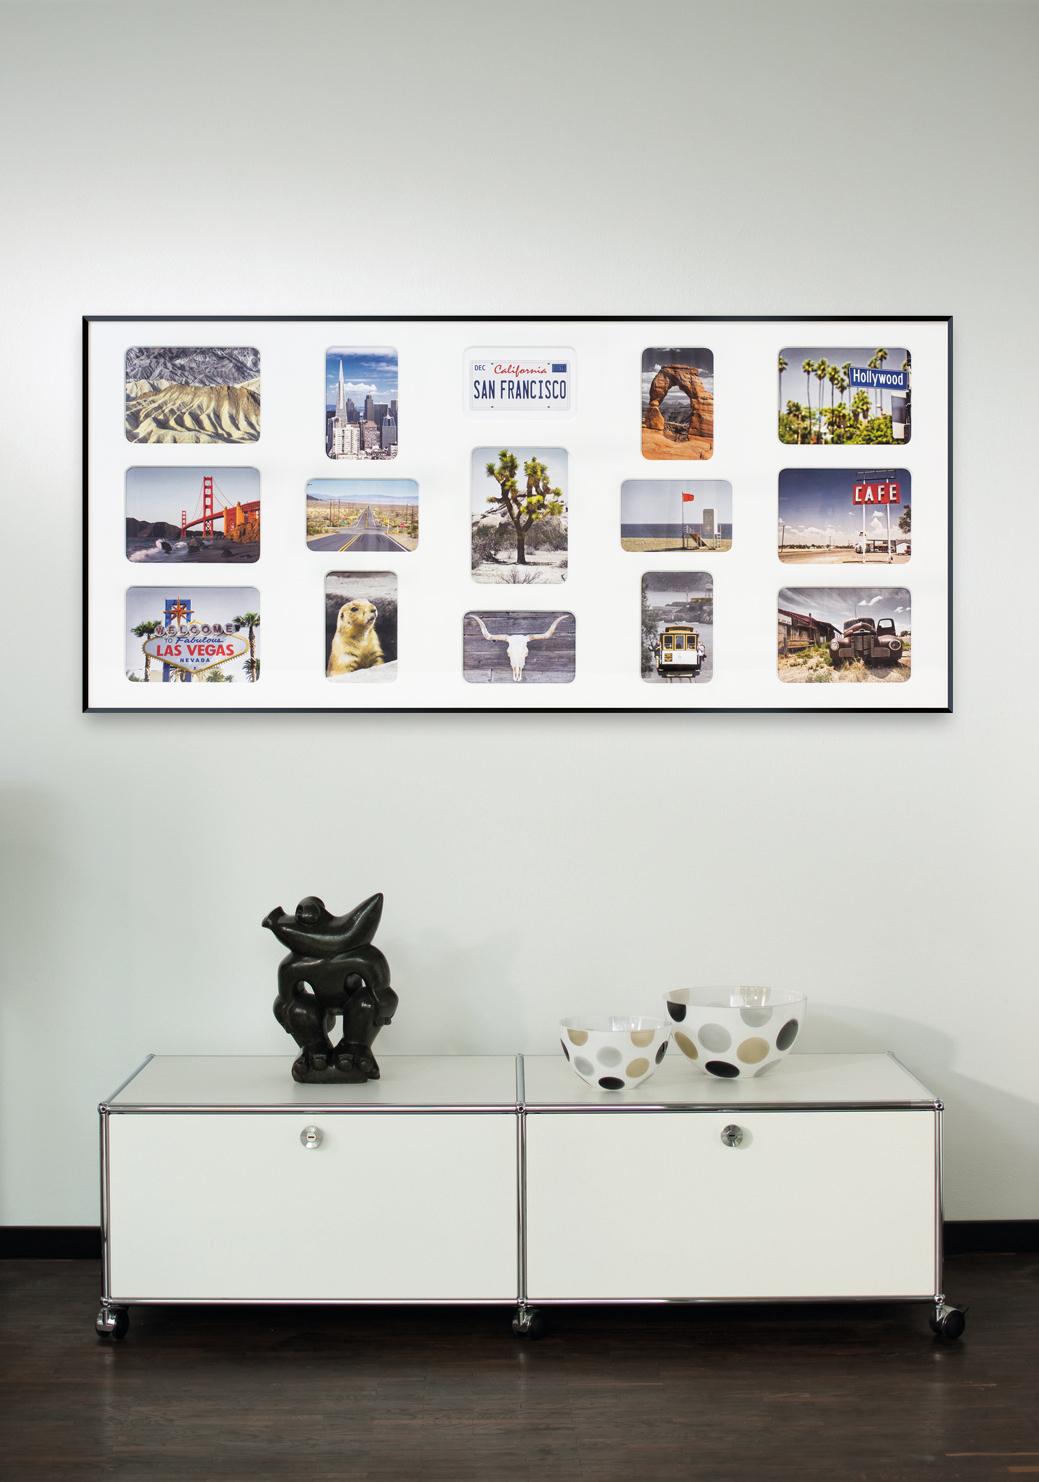 ungew hnlich fotorahmen f r viele bilder galerie. Black Bedroom Furniture Sets. Home Design Ideas